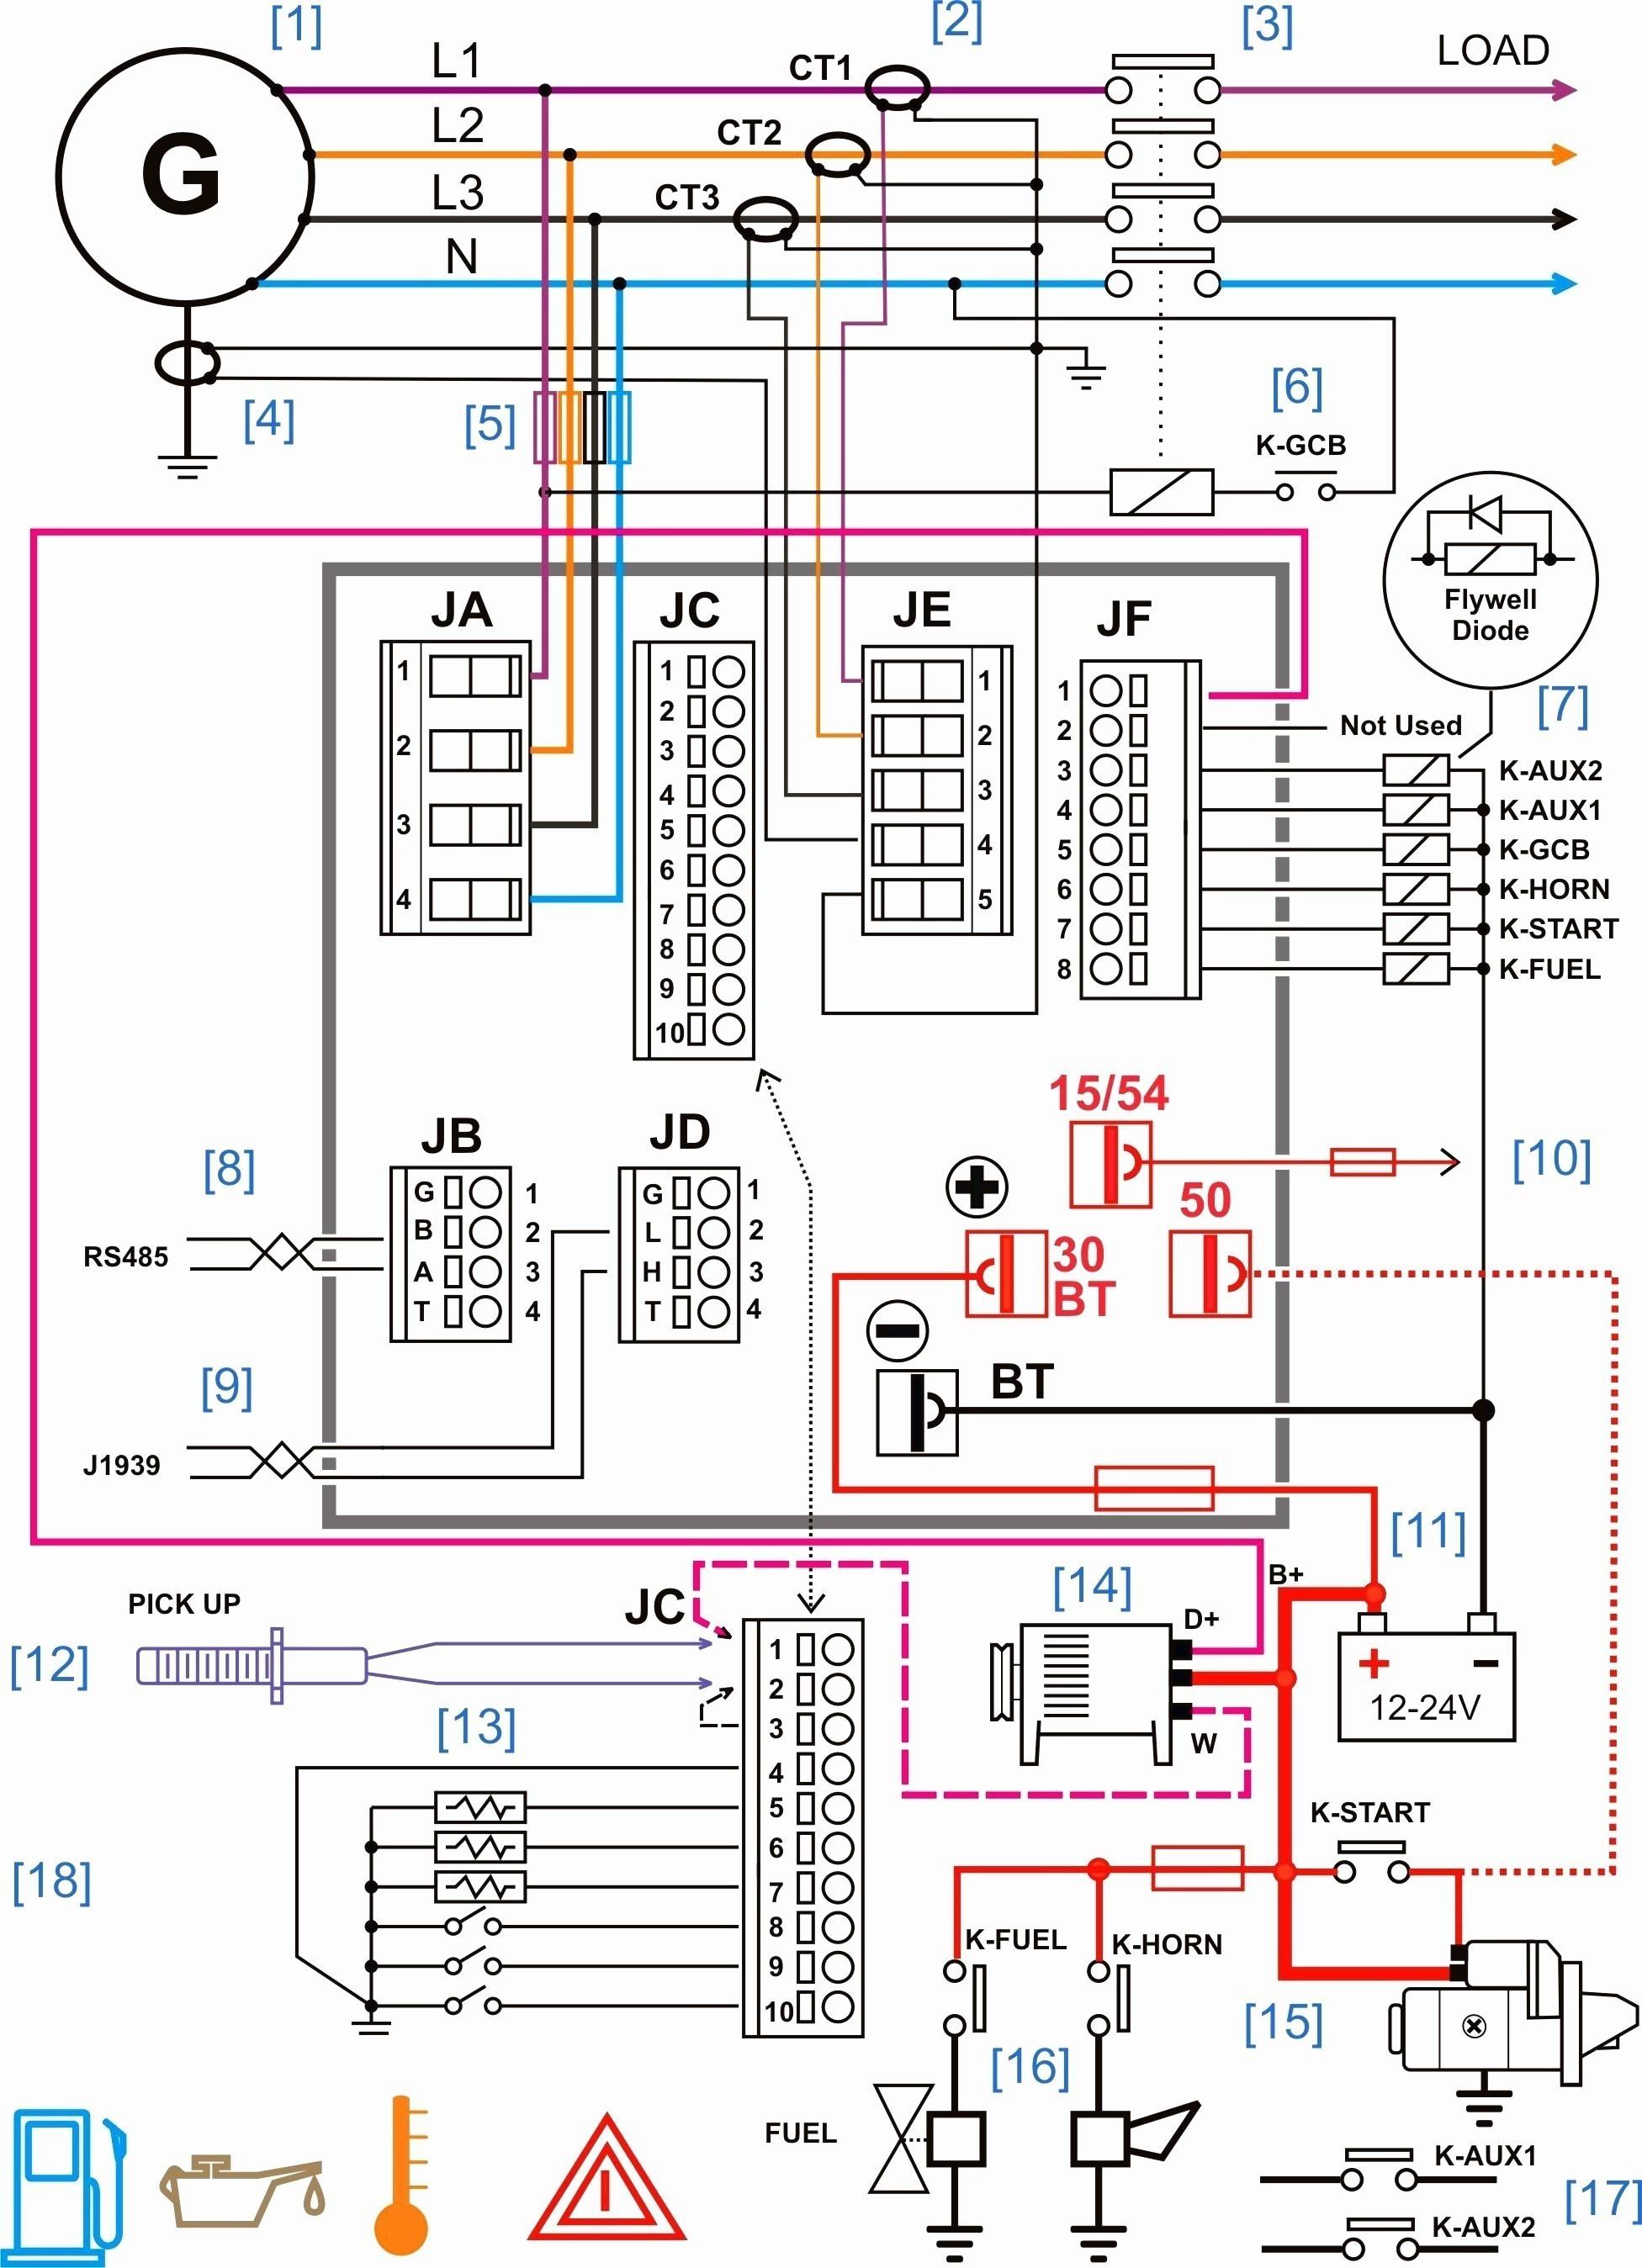 Car Audio Wiring Diagrams Audi Car Stereo Wiring Diagram Another Blog About Wiring Diagram • Of Car Audio Wiring Diagrams